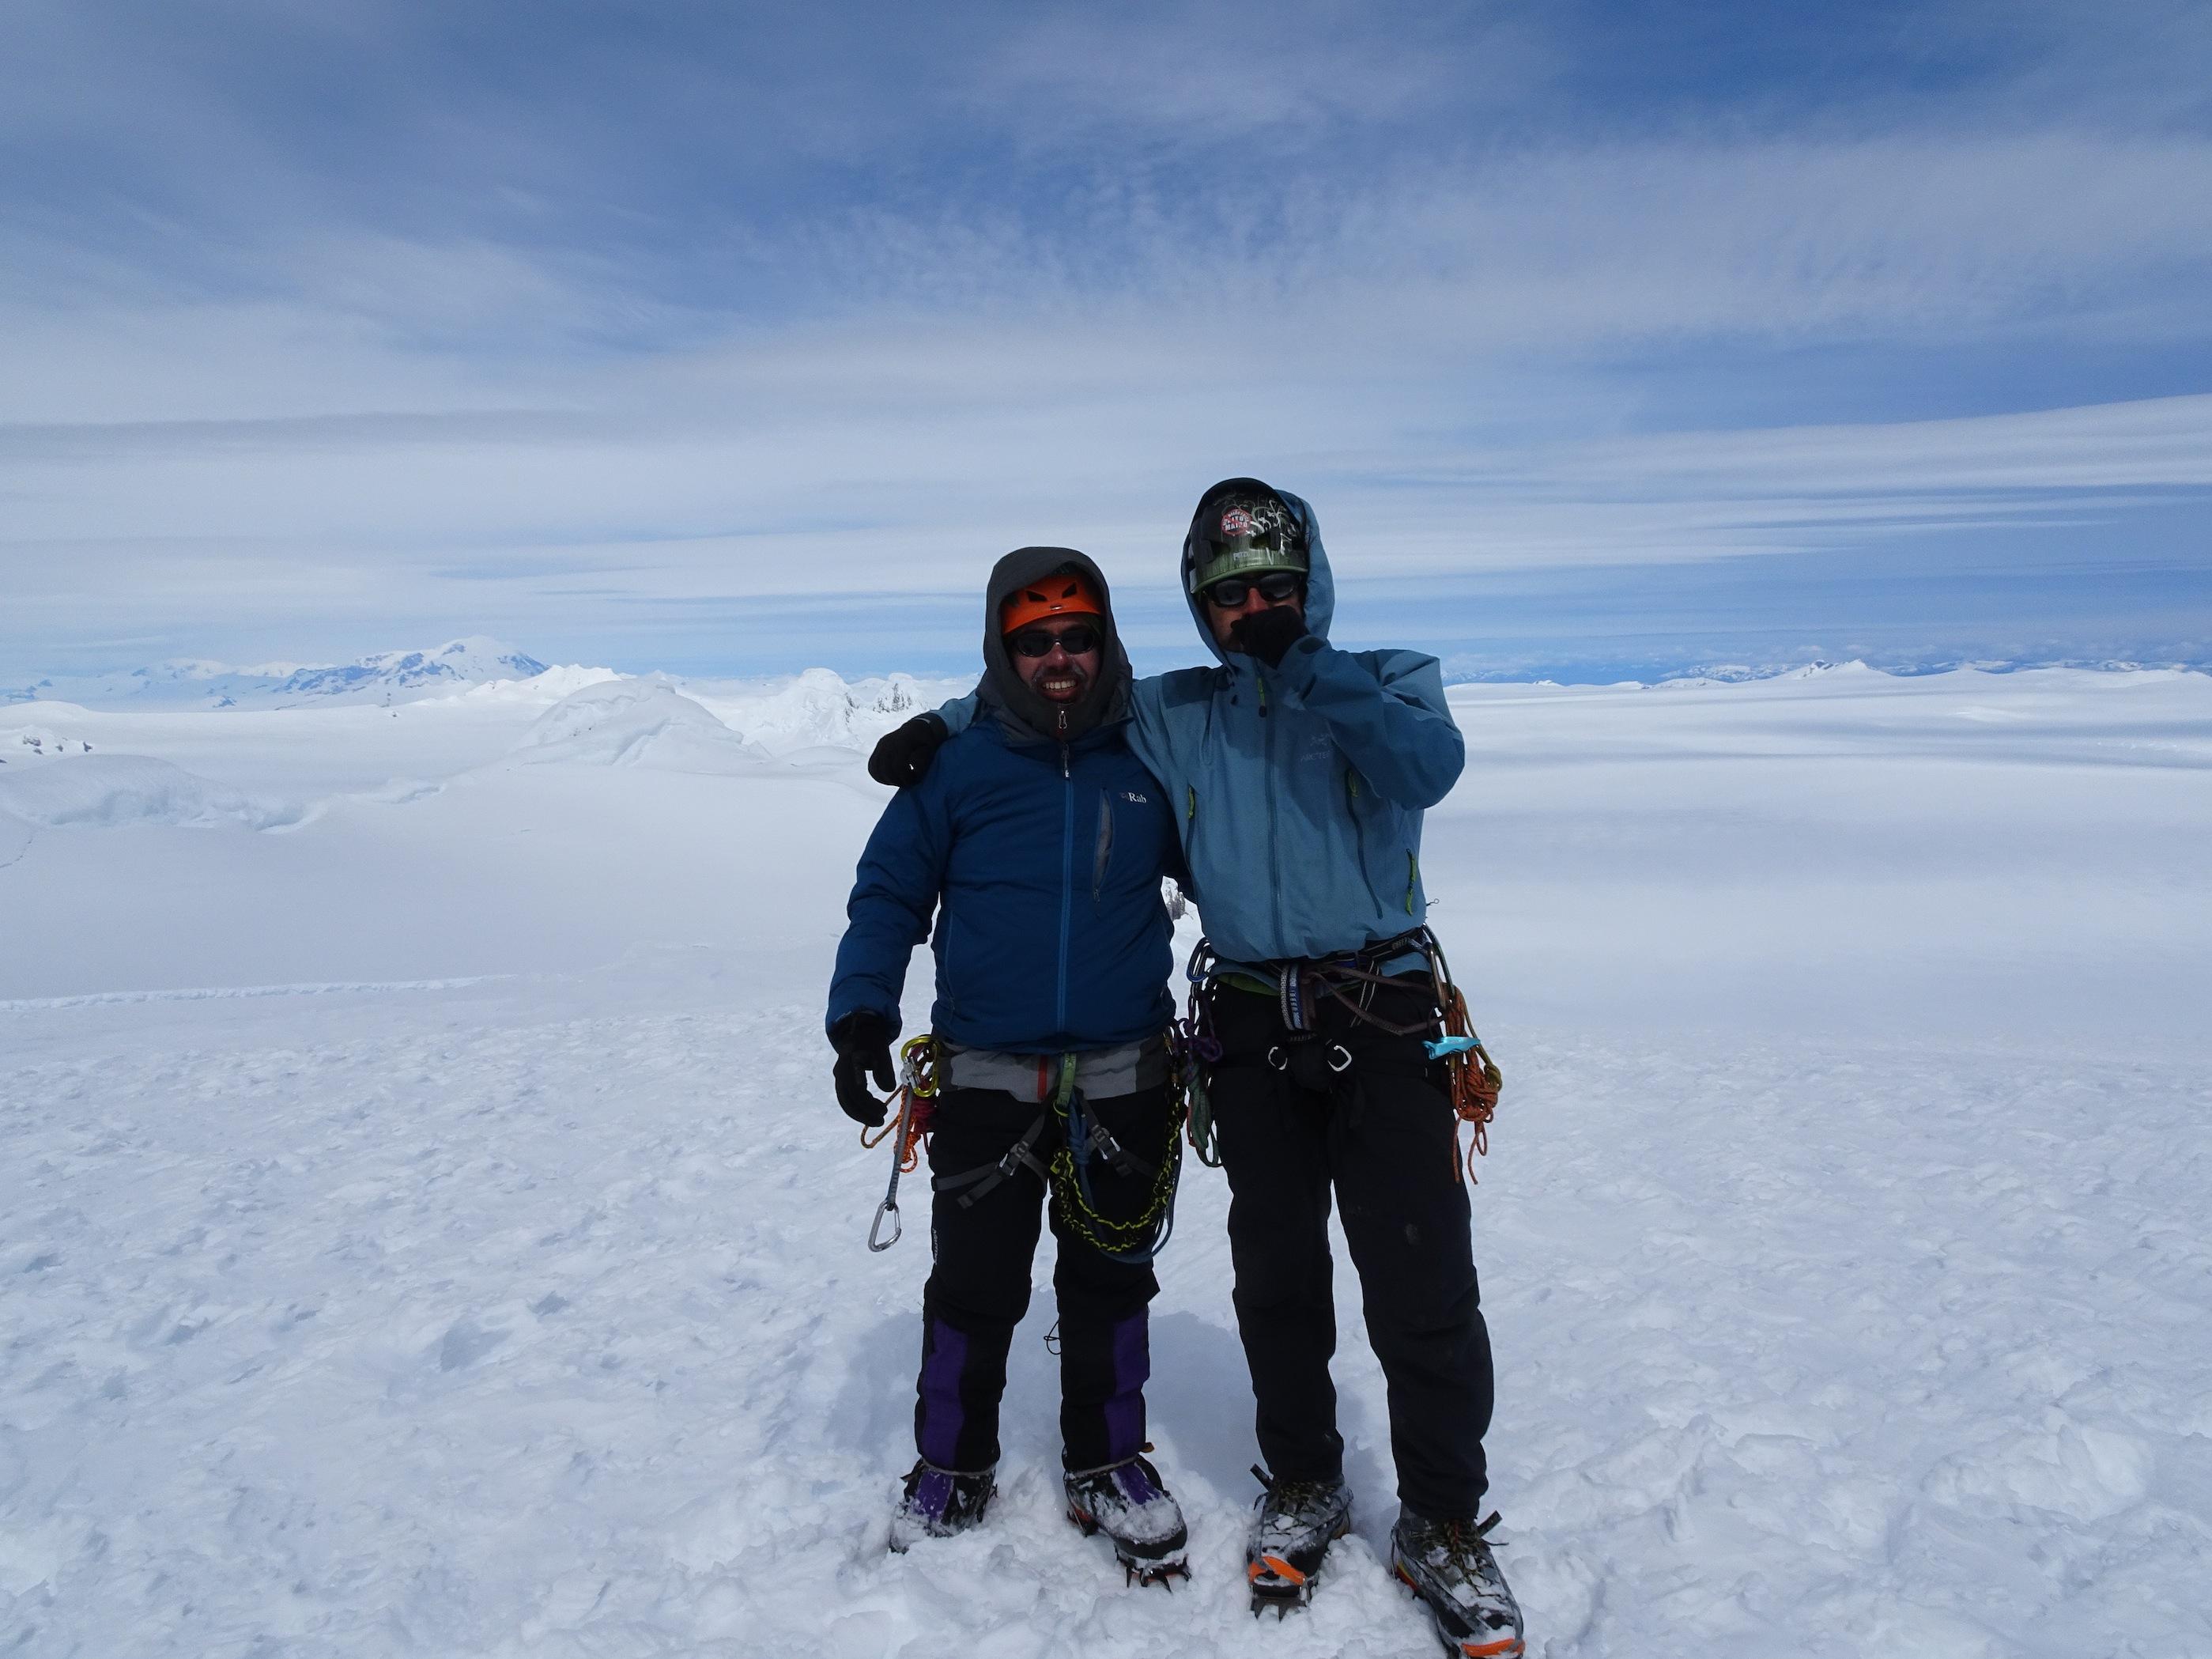 Dario Arancibia junto a Felipe Gonzalez en la cumbre del Cerro Horacio Toro, celebrando su primera ascensión. Foto: Matías Prieto